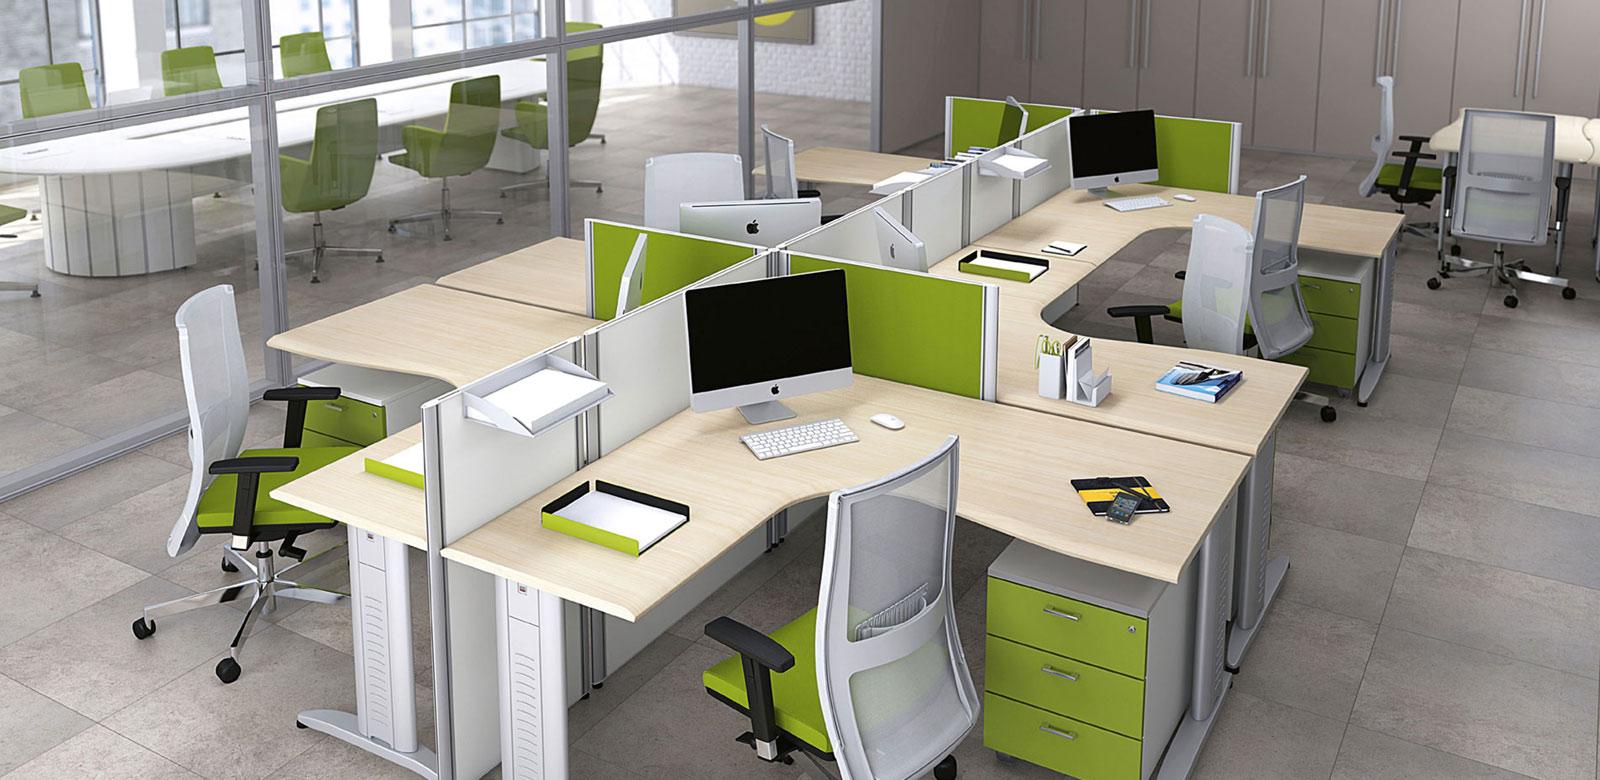 Arredo ufficio arredamento e mobili per ufficio su misura for Arredamento